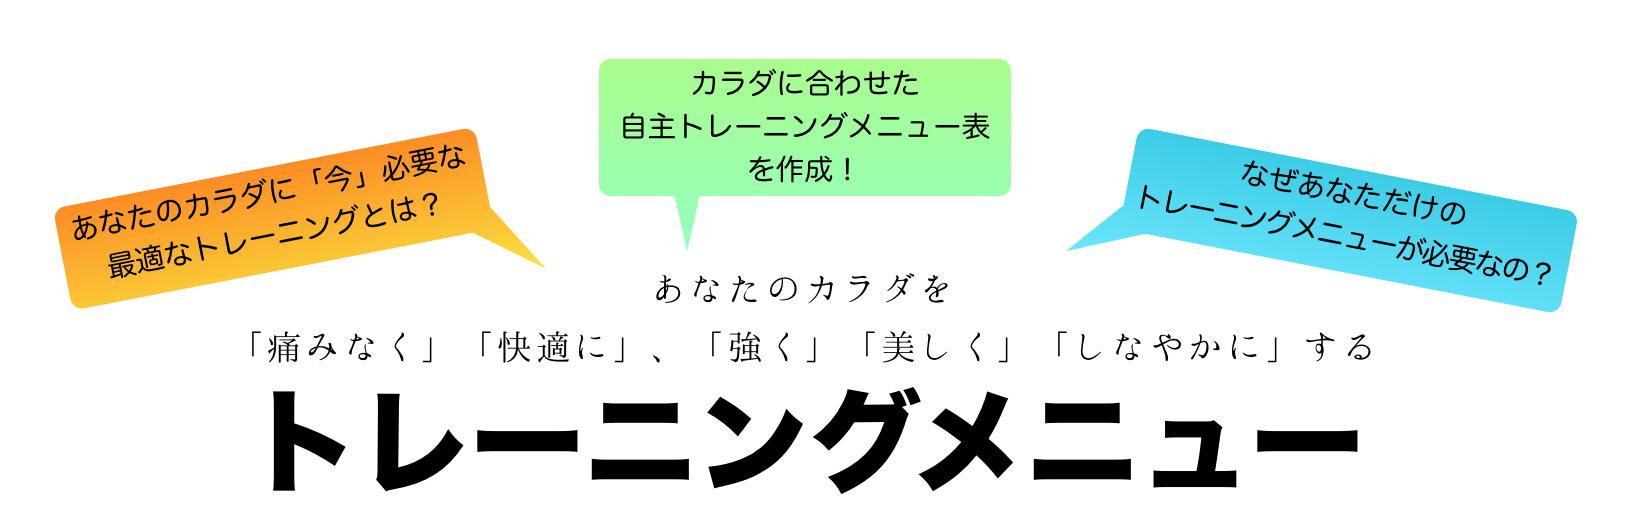 滋賀県大津市であなただけにあったセルフエクササイズ、トレーニング法を知るには